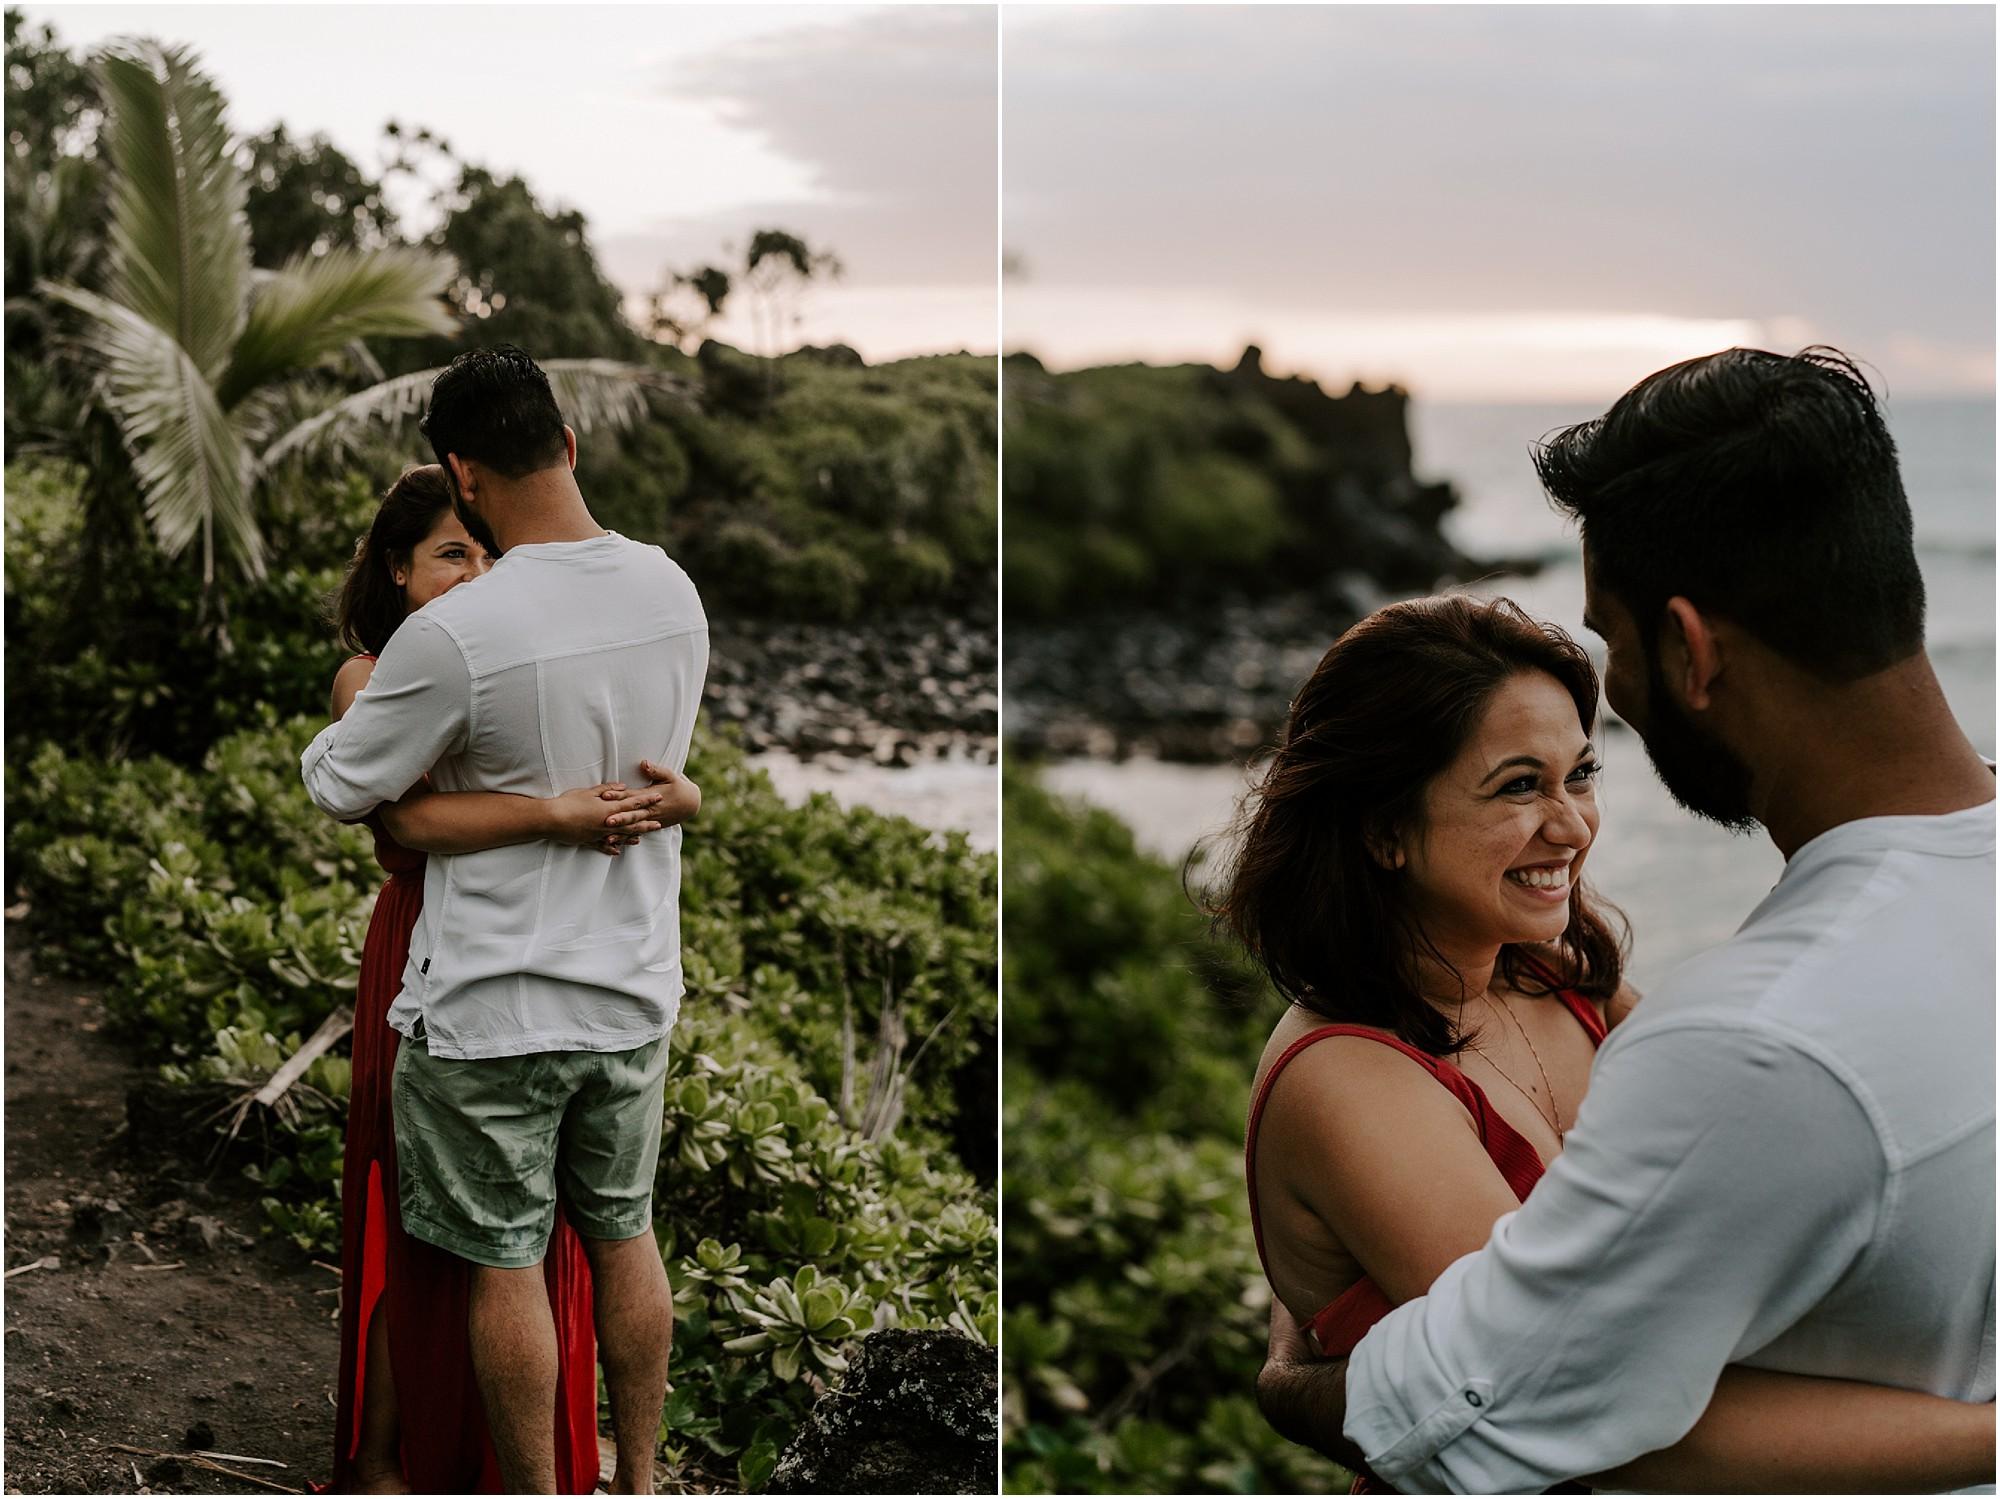 black-sand-beach-maui-hawaii-elopement-photographer_0016.jpg